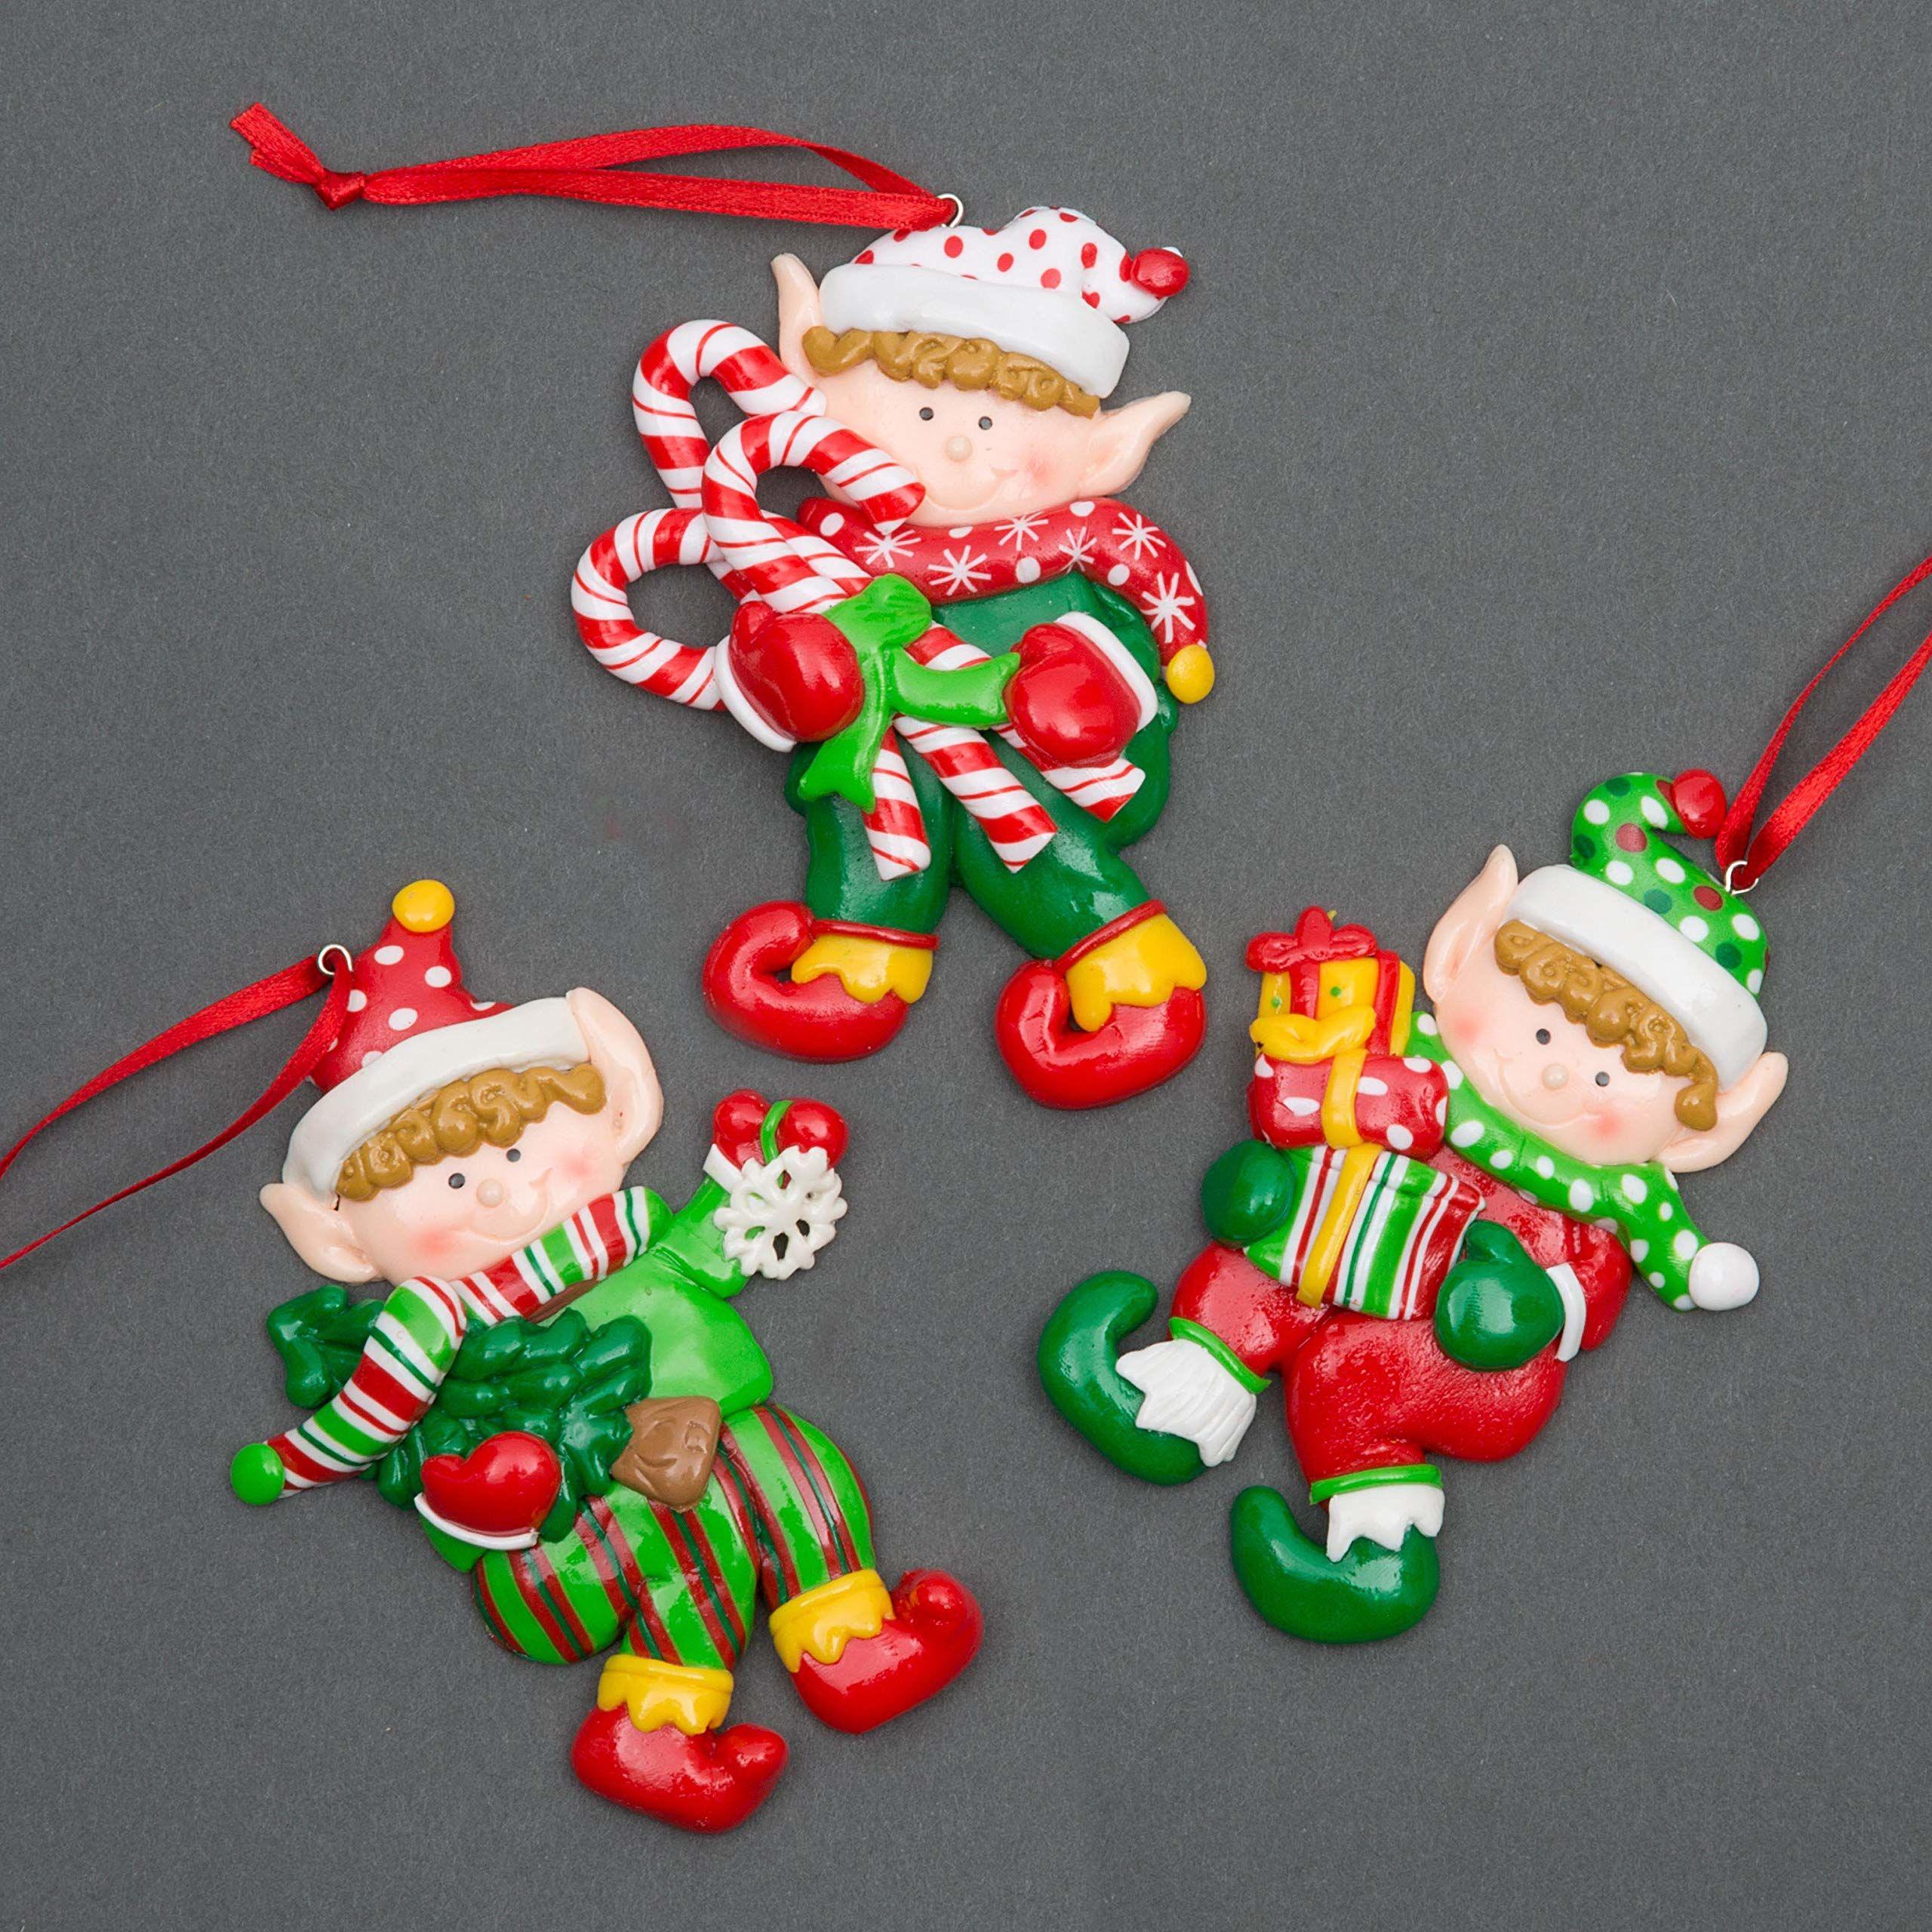 SHATCHI wiszące dekoracje elf trzymający prezenty cukierki Boże Narodzenie drzewo ściana dekoracja domu ozdoby 3 szt. zestaw, wielokolorowe, 11 x 6 cm